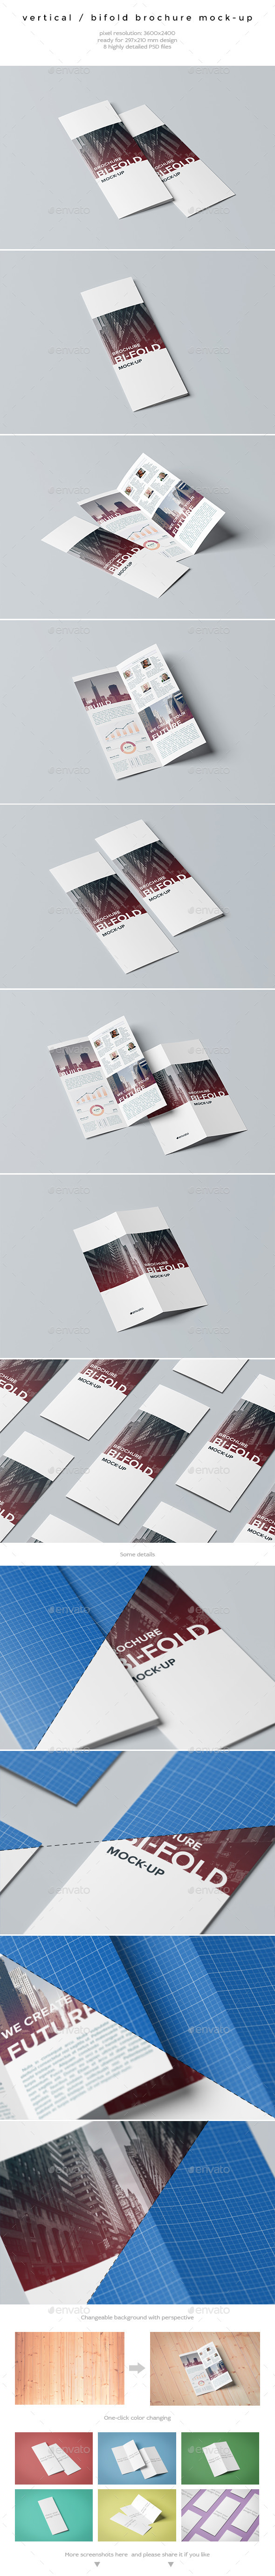 Vertical / Bifold Brochure Mock-Up - Brochures Print